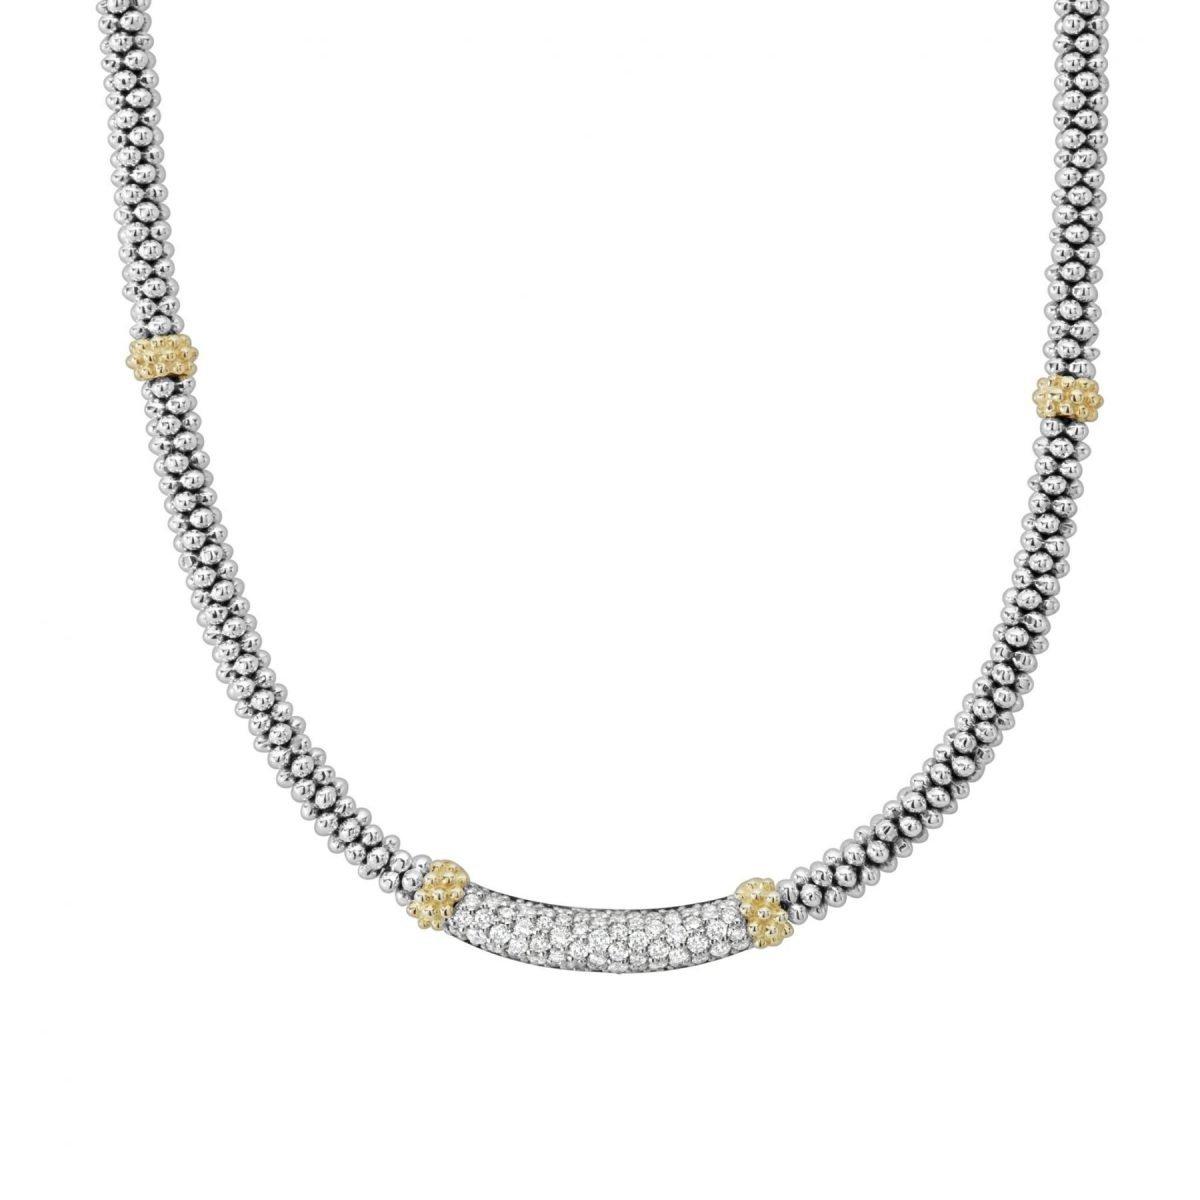 Caviar Lux Diamond Necklace